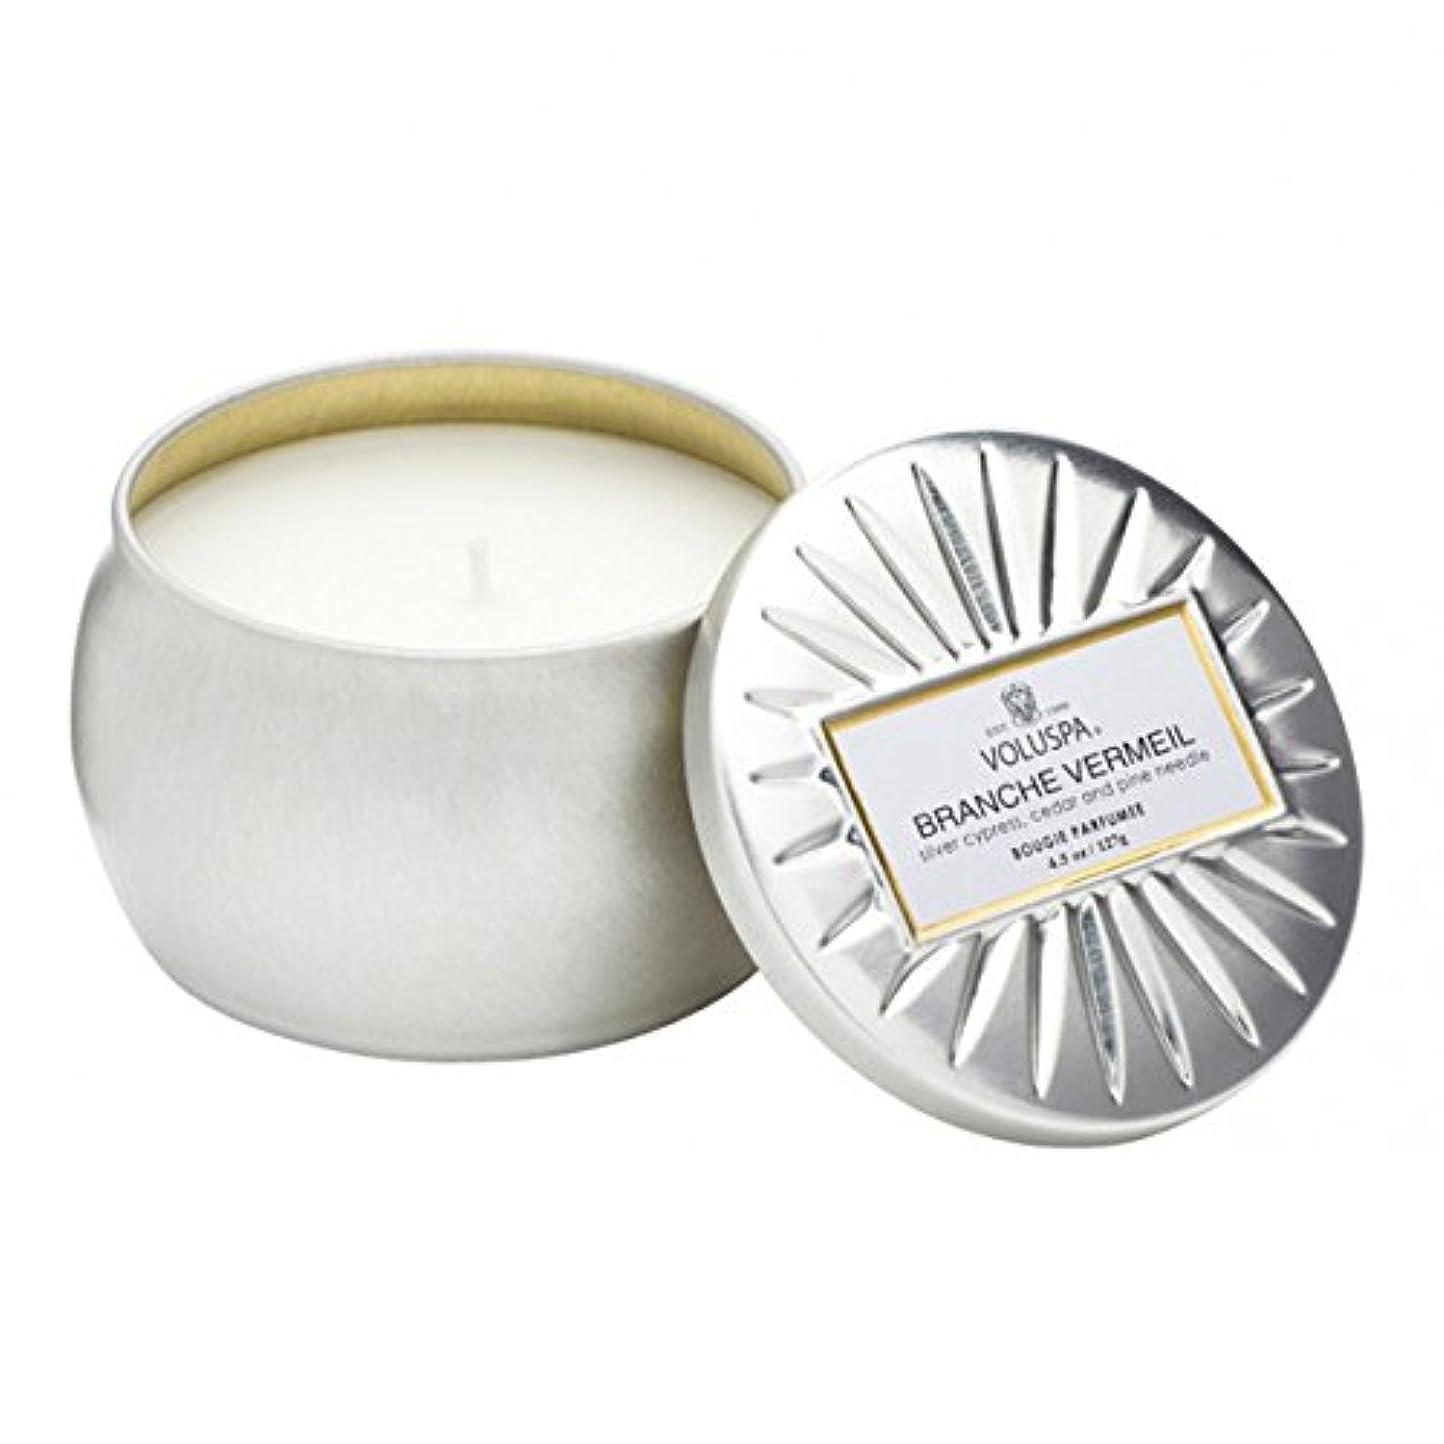 風邪をひくリングバック咽頭Voluspa ボルスパ ヴァーメイル ティンキャンドル  S フ?ランチヴァーメイル BRANCHE VERMEIL VERMEIL PETITE Tin Glass Candle